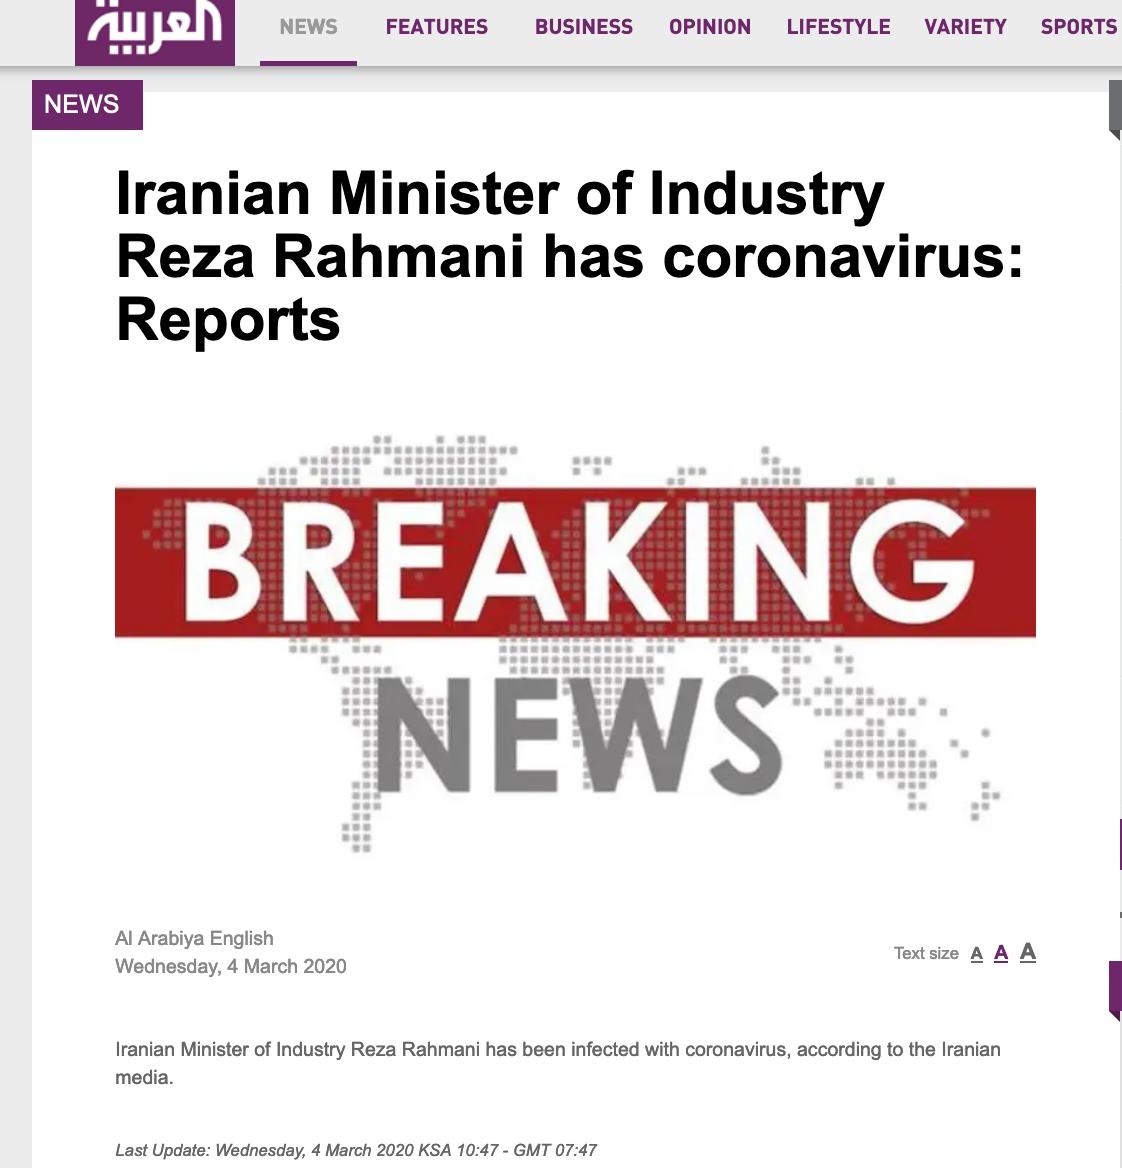 伊媒:伊朗工业部长感染新型冠状病毒